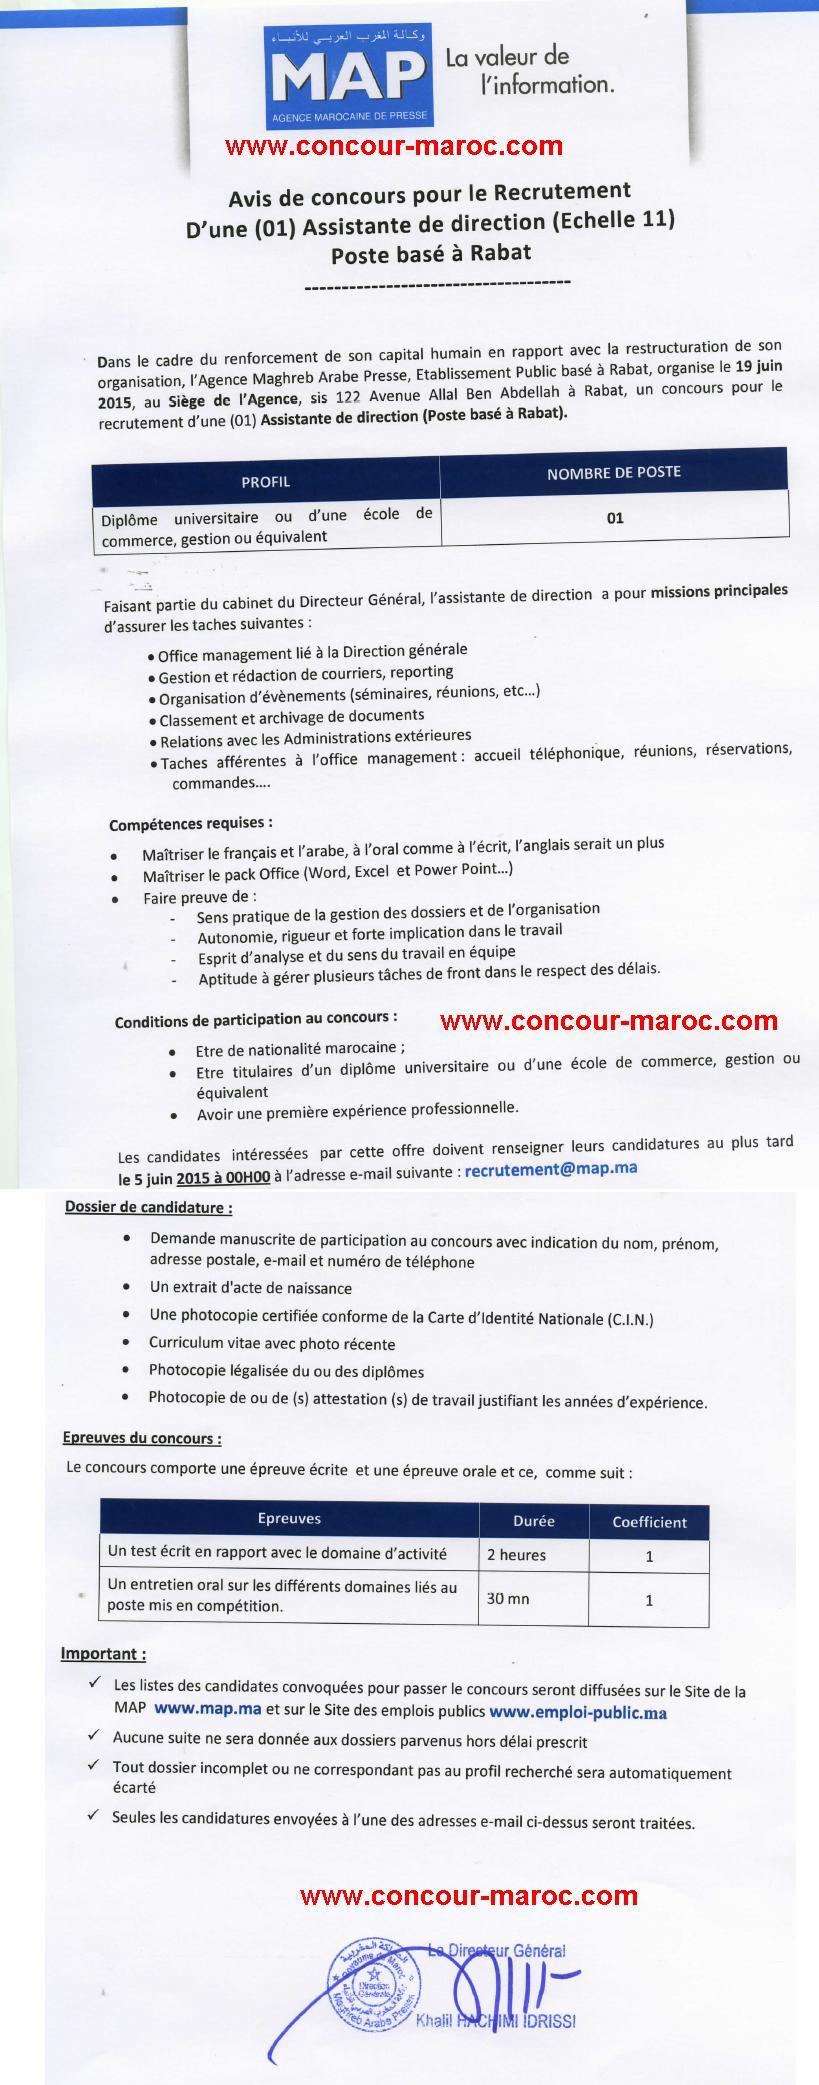 وكالة المغرب العربي للأنباء : مباراة لتوظيف مساعدة ادارية (سلم 11) بمقر الرباط (1 منصب) آخر أجل لإيداع الترشيحات 5 يونيو 2015  Conco164